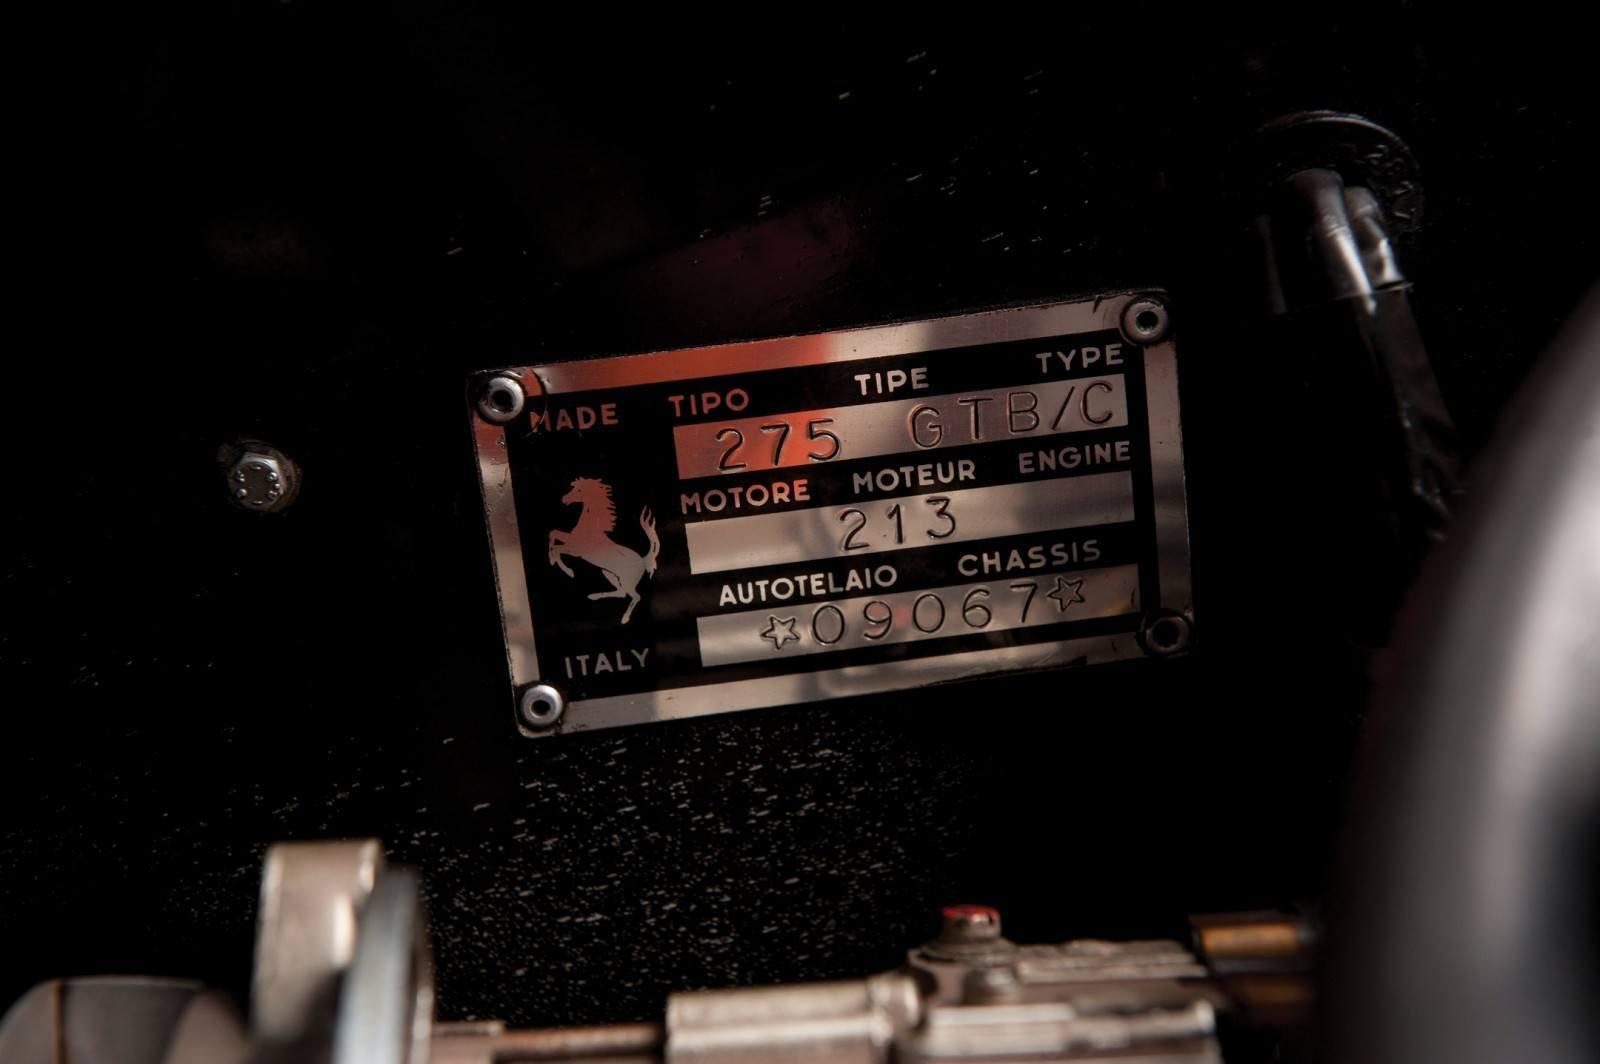 RM Monaco 2014 Highlights - 1966 Ferrari GTB-C 7